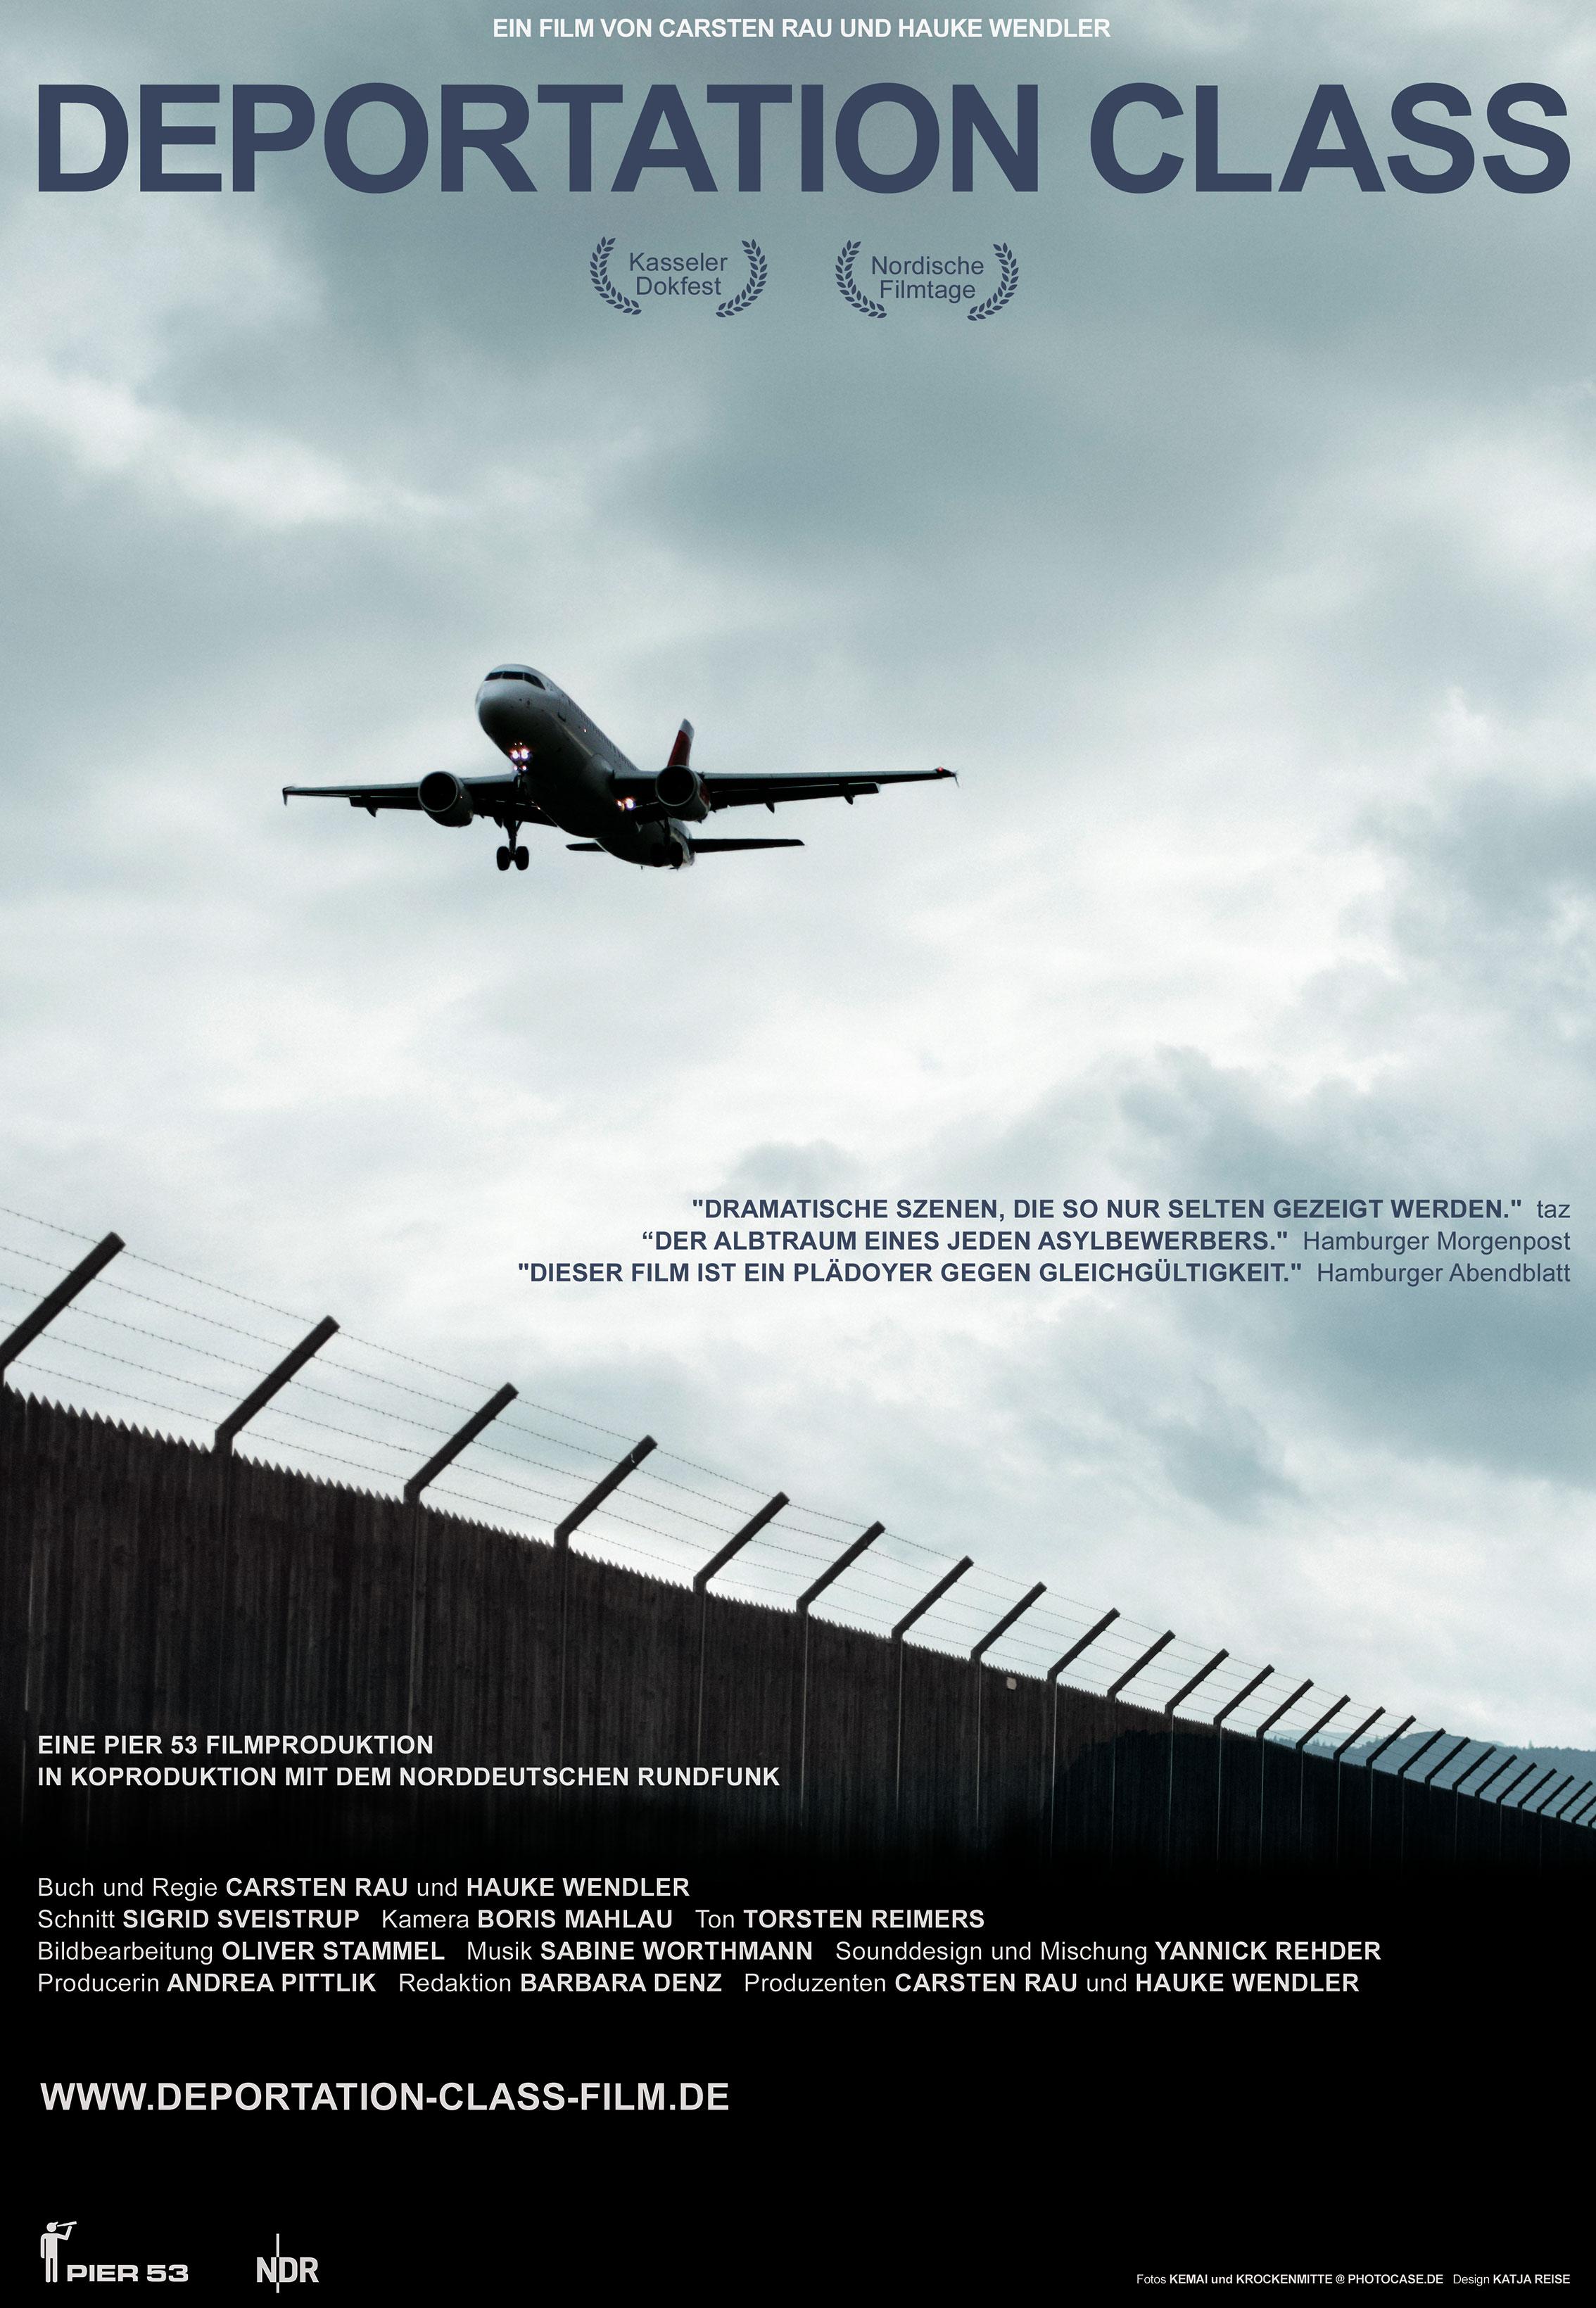 deportation class plakat